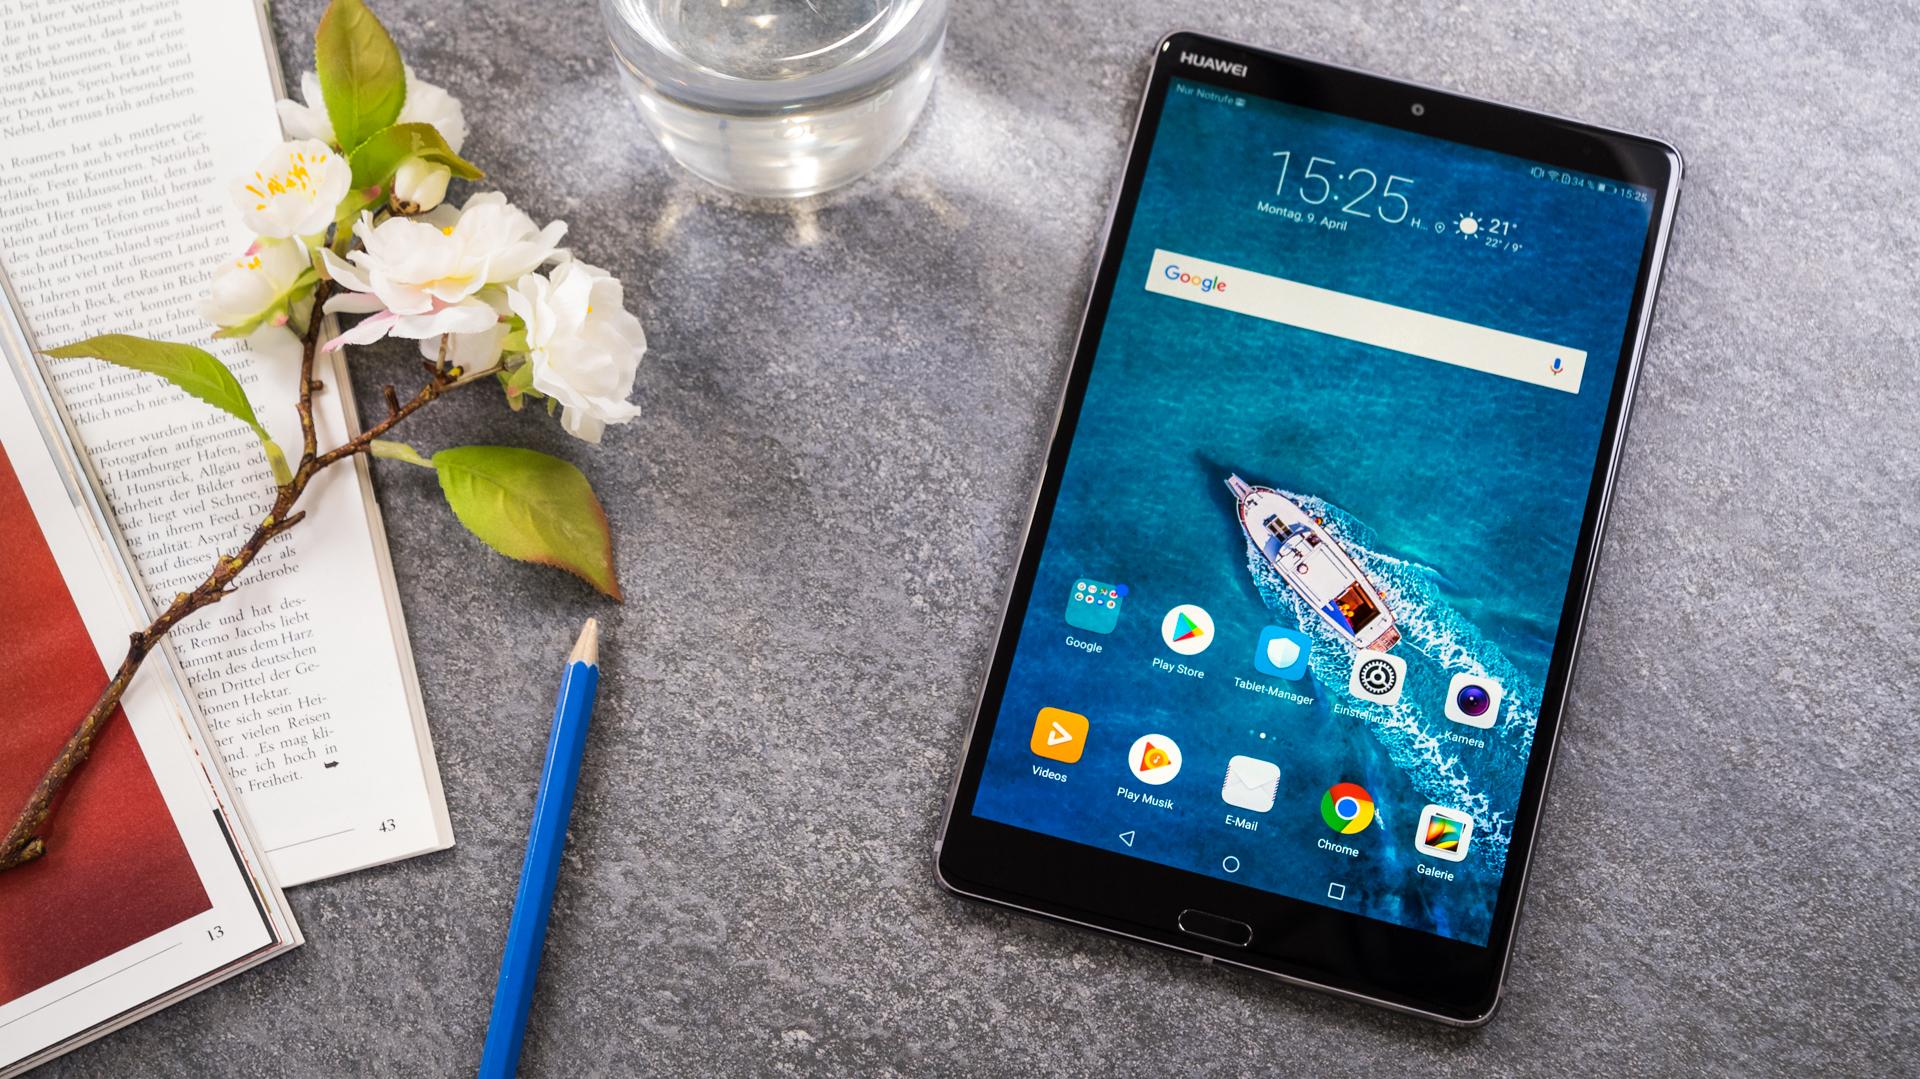 Huawei P10 Sim Karte Einlegen.Mit Android Tablet Telefonieren So Geht S